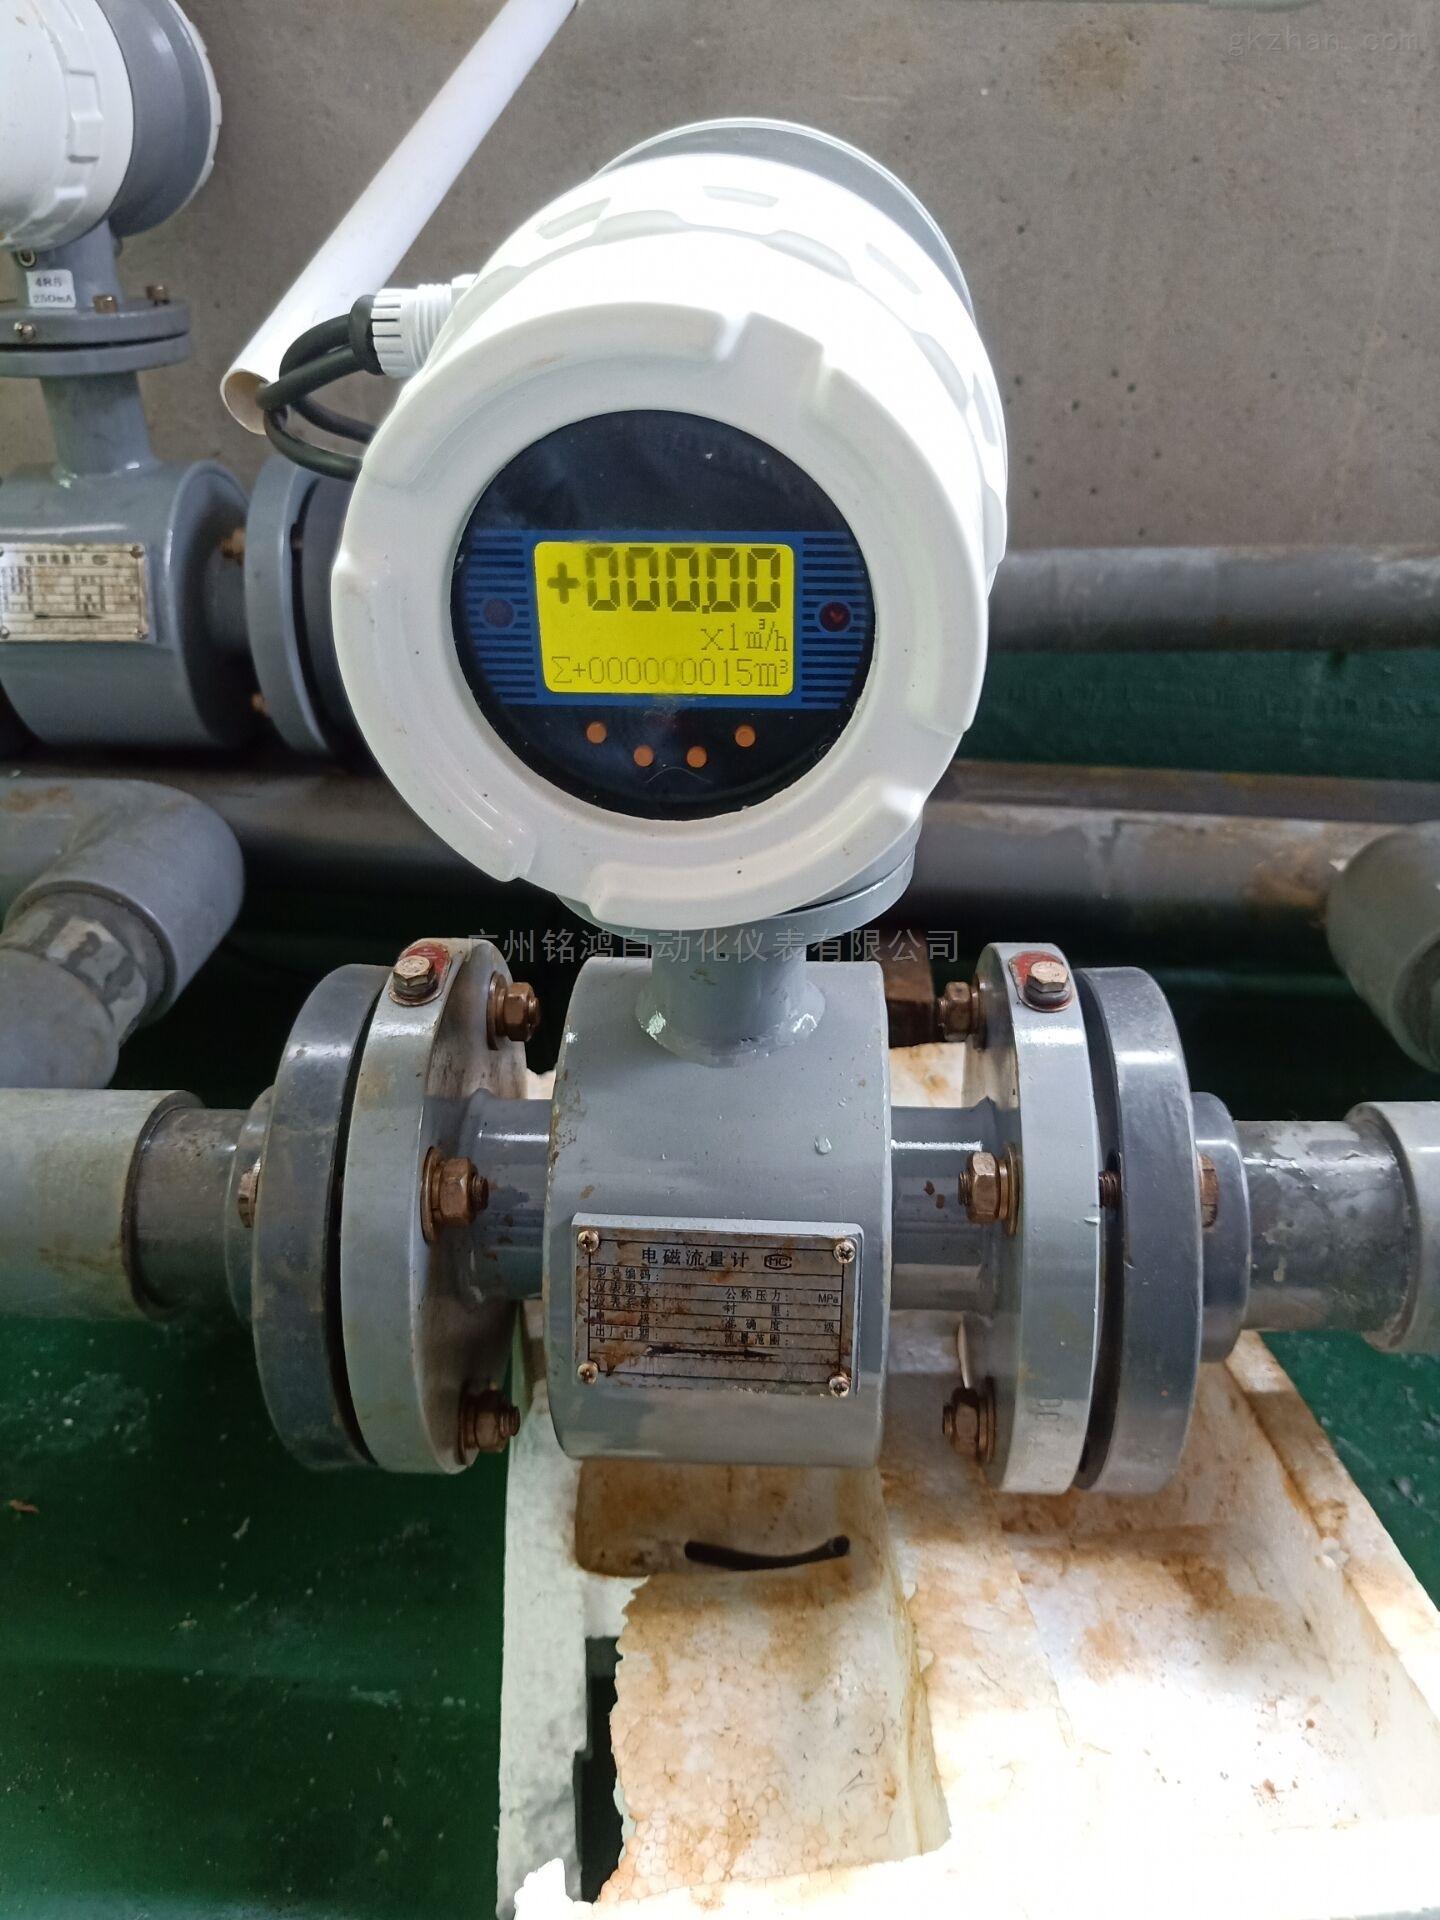 电厂化工污水处理高精度一体电磁流量计